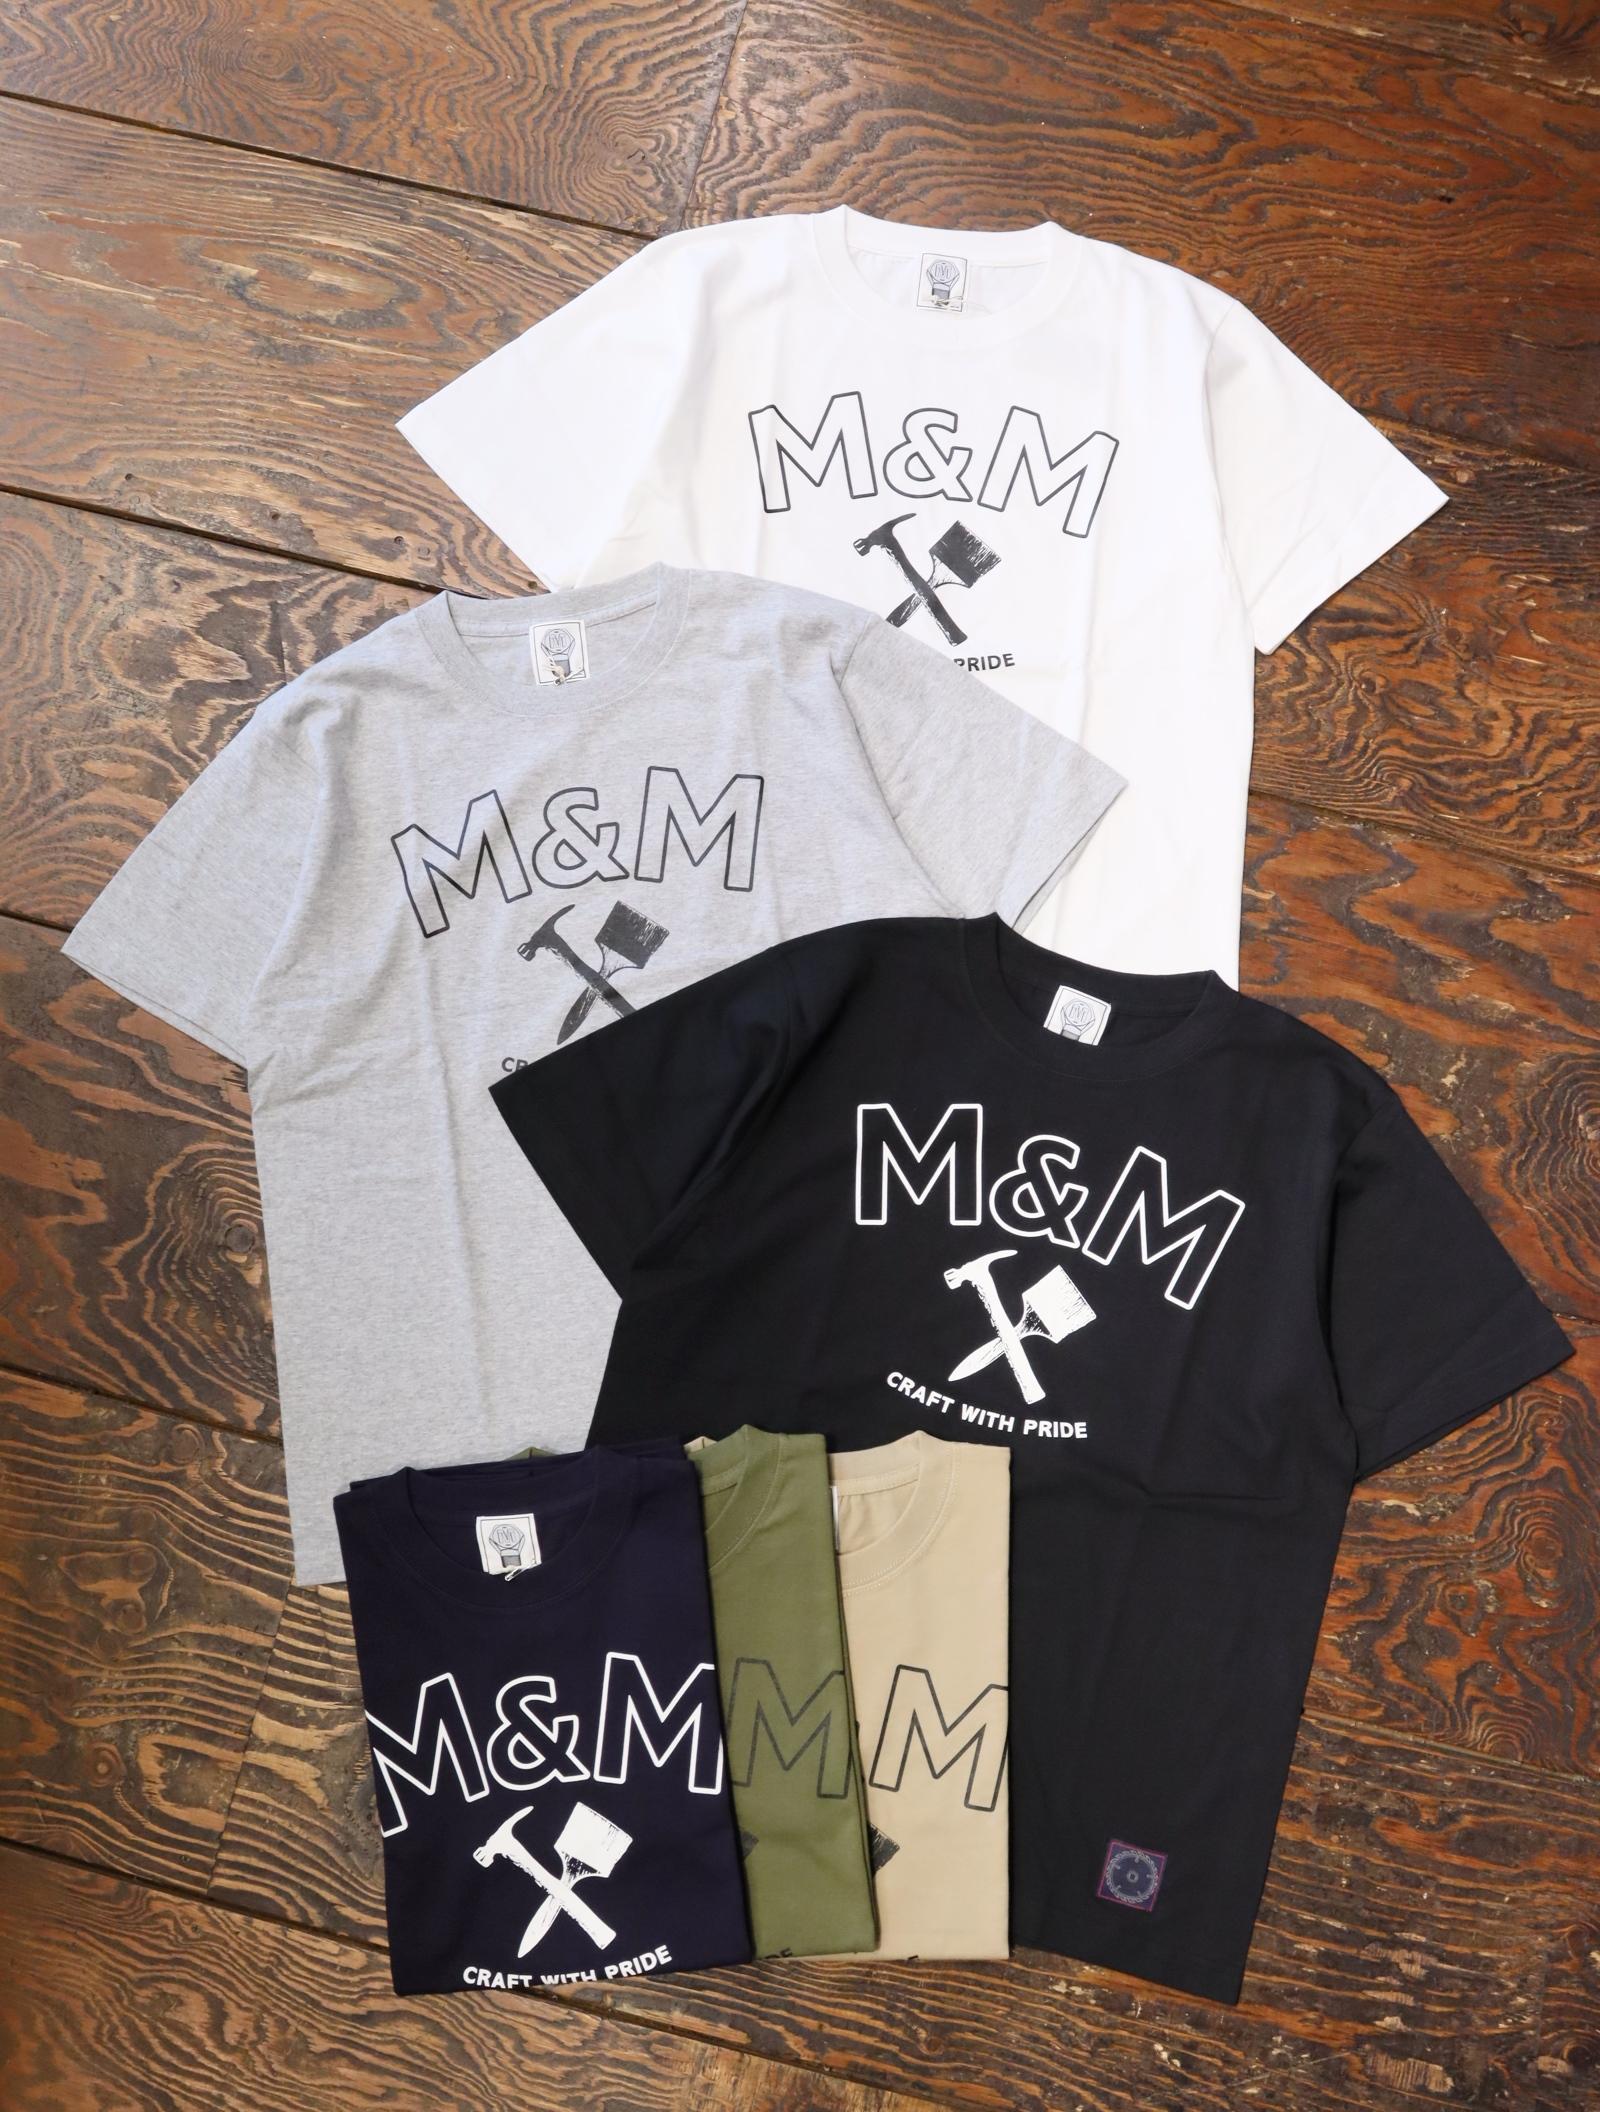 【 6月8日発売!】 M&M CUSTOM PERFORMANCE  「 PRINT S/S T-SHIRT 」 プリントティーシャツ